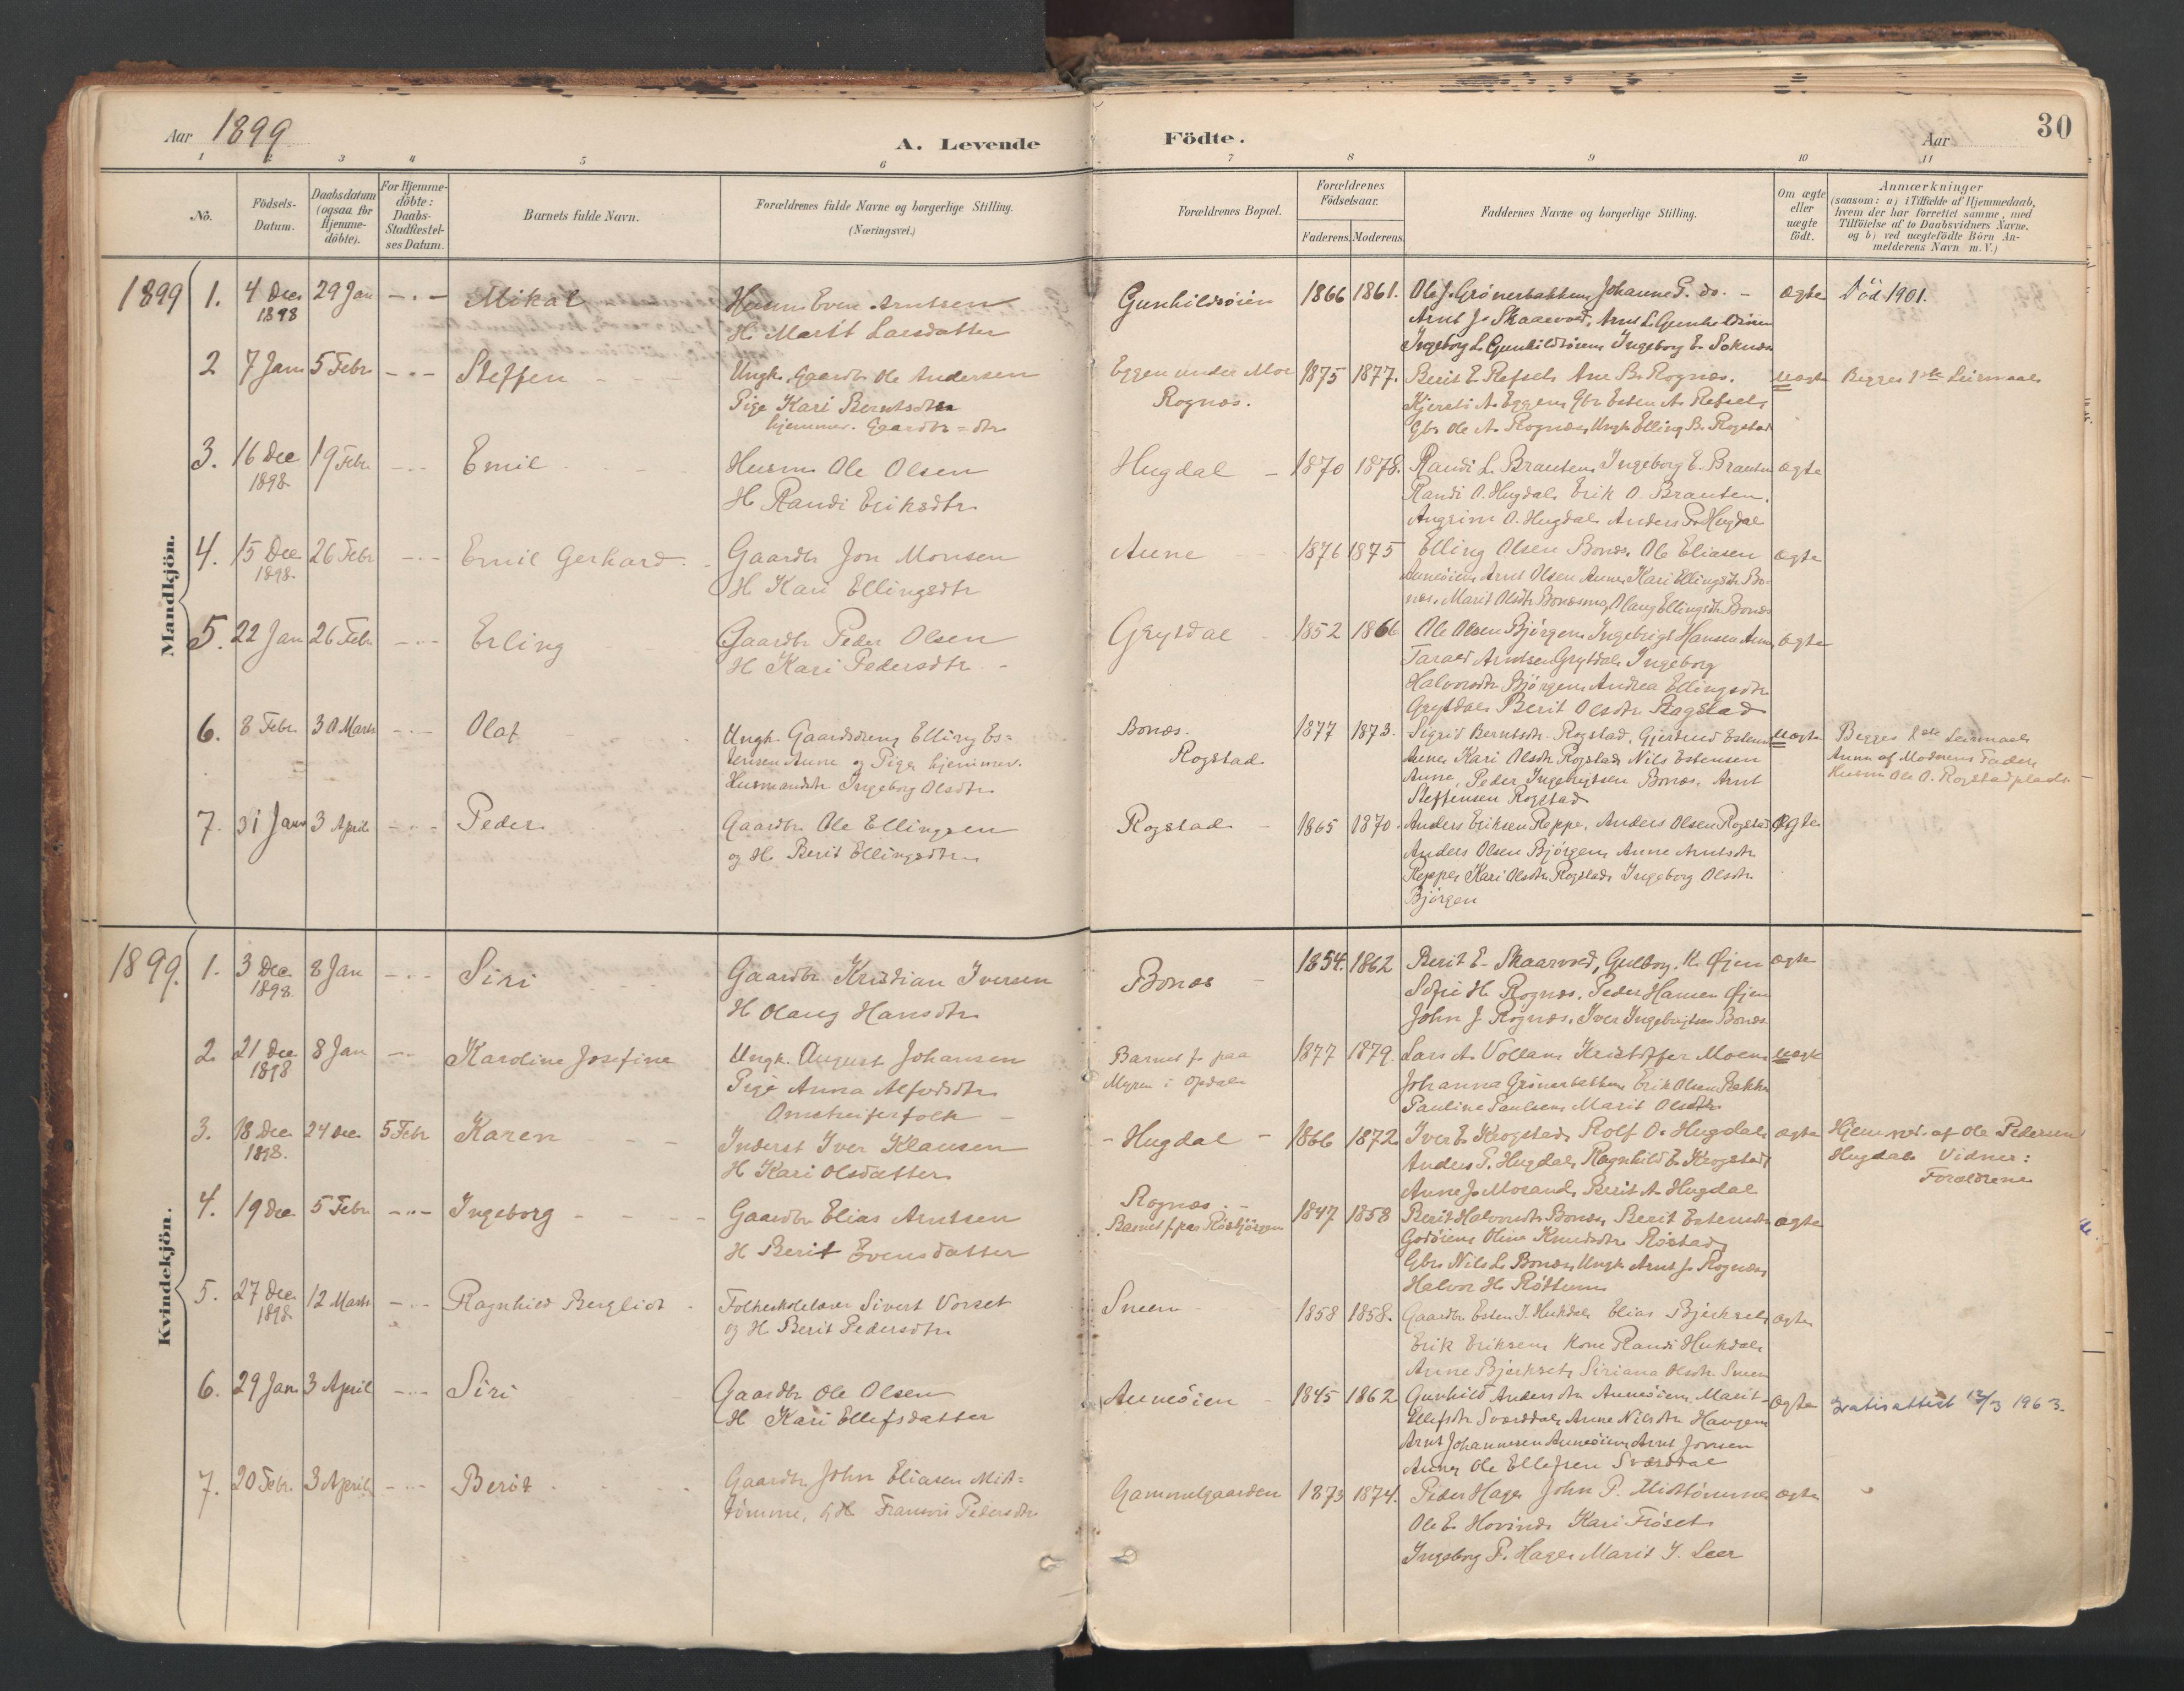 SAT, Ministerialprotokoller, klokkerbøker og fødselsregistre - Sør-Trøndelag, 687/L1004: Ministerialbok nr. 687A10, 1891-1923, s. 30